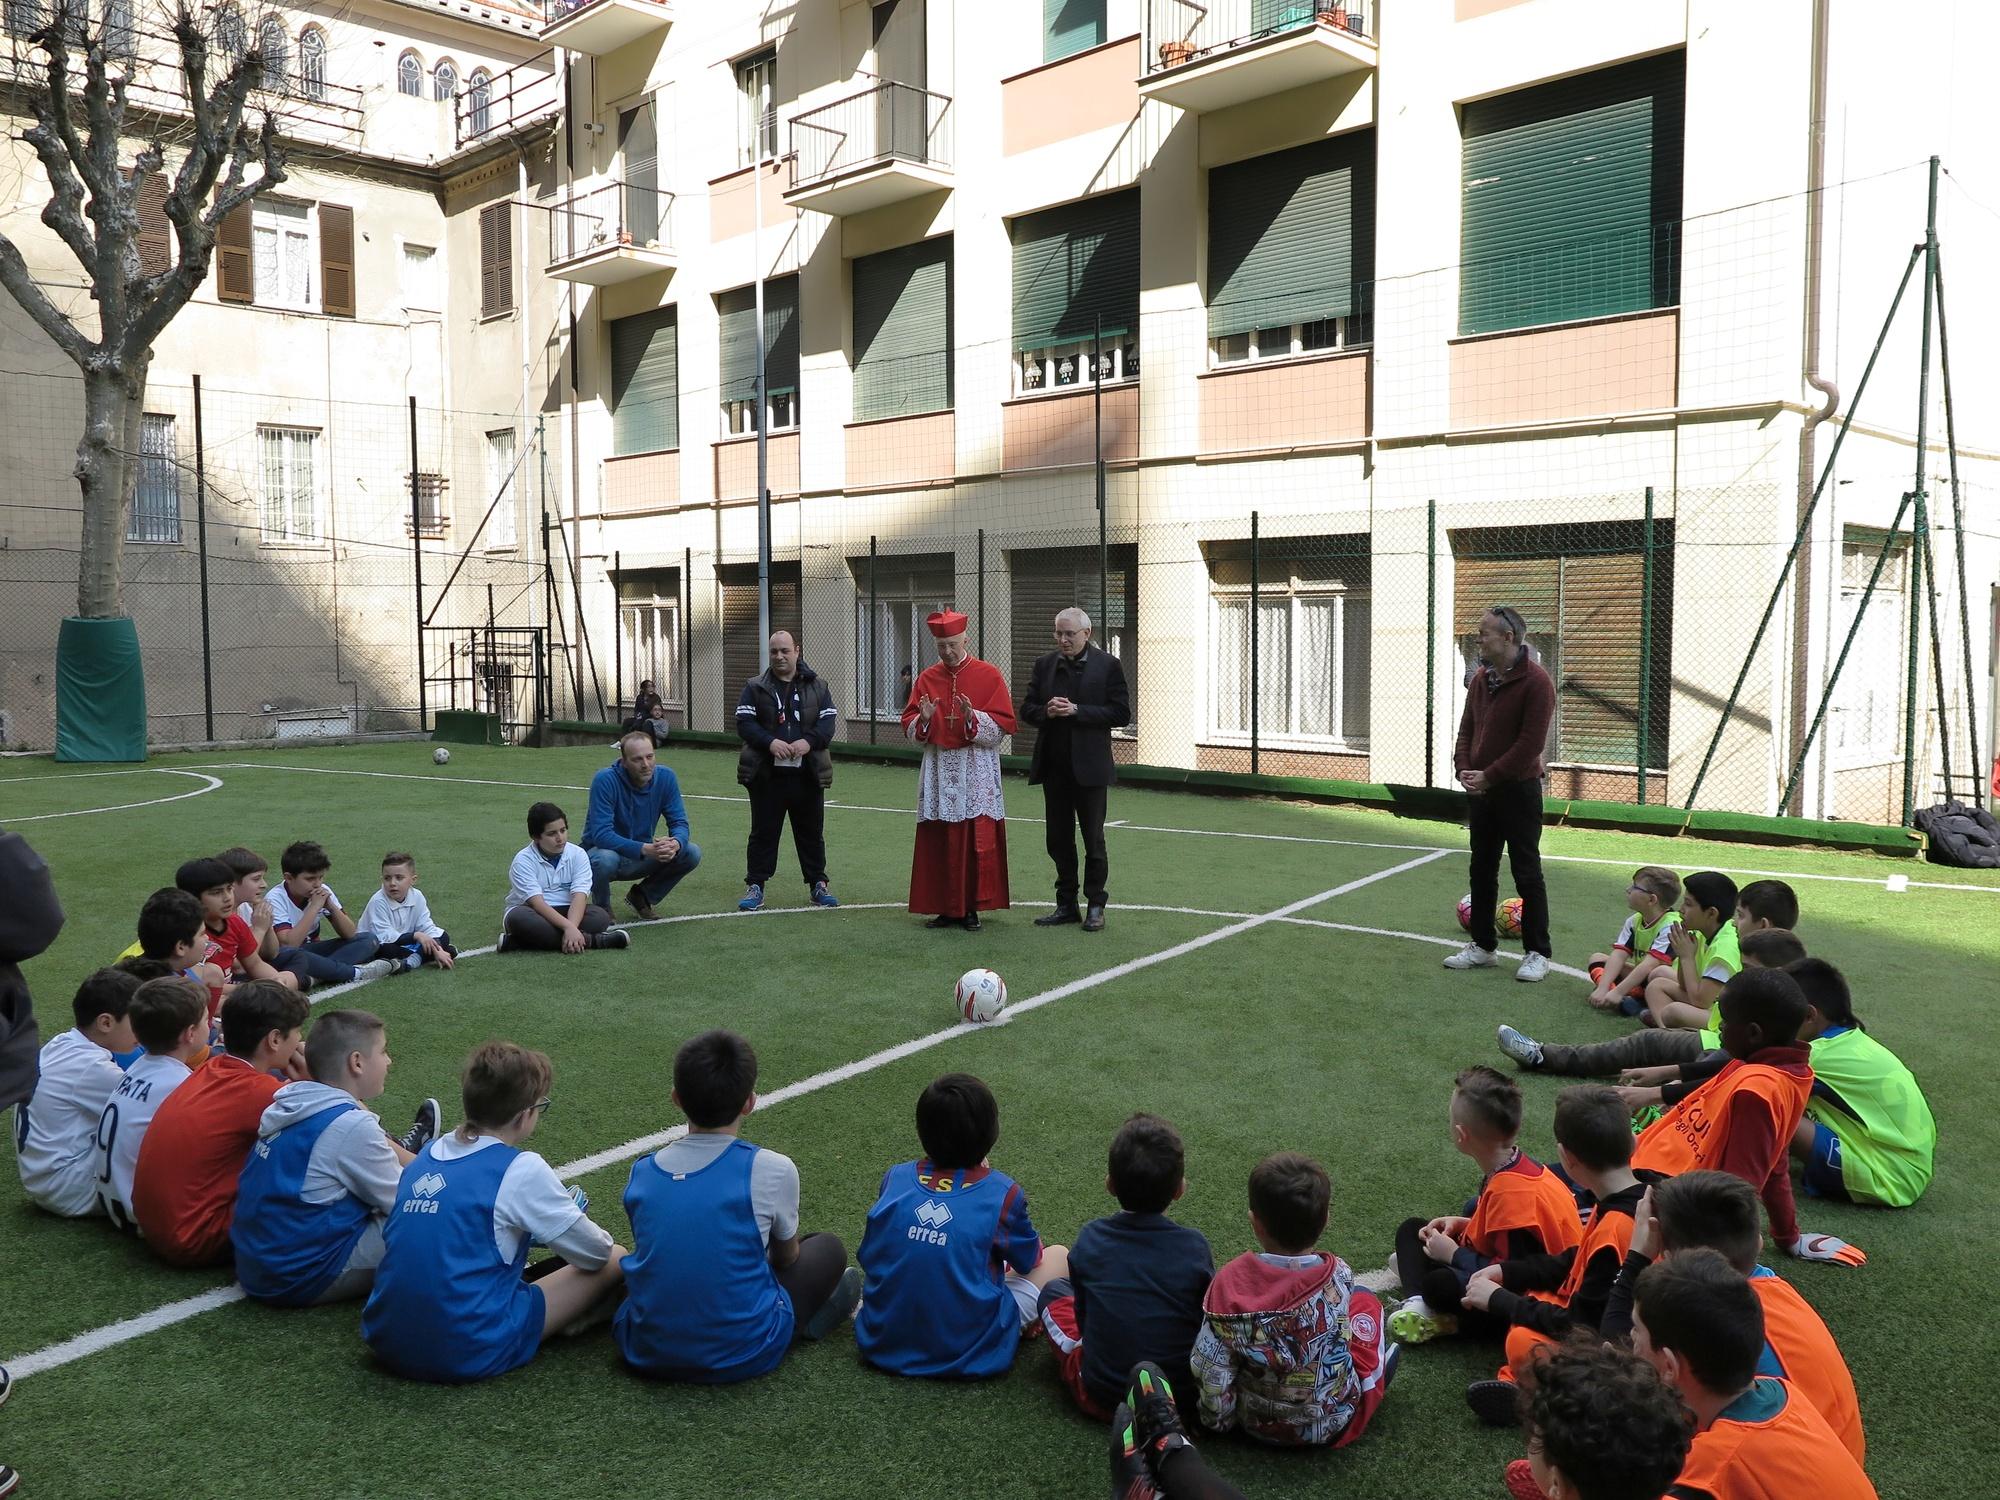 san-giuseppe-torneo-calcio-2016-03-19-14-21-55